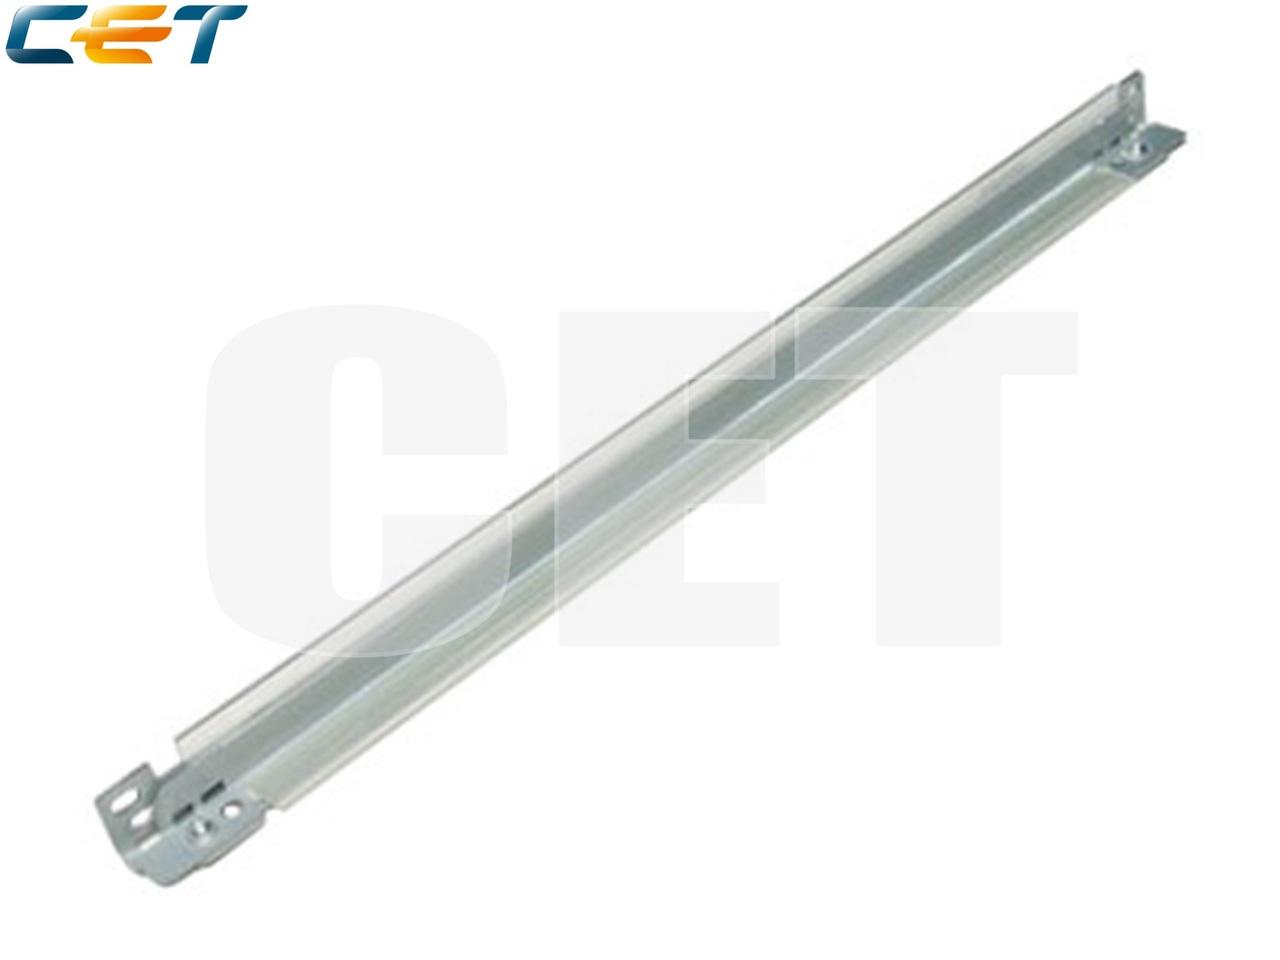 Лезвие очистки ленты переноса AD04-1076, AD04-1126,AD04-1126, AD04-1076 для RICOH Aficio 1060/1075 (CET),CET4675